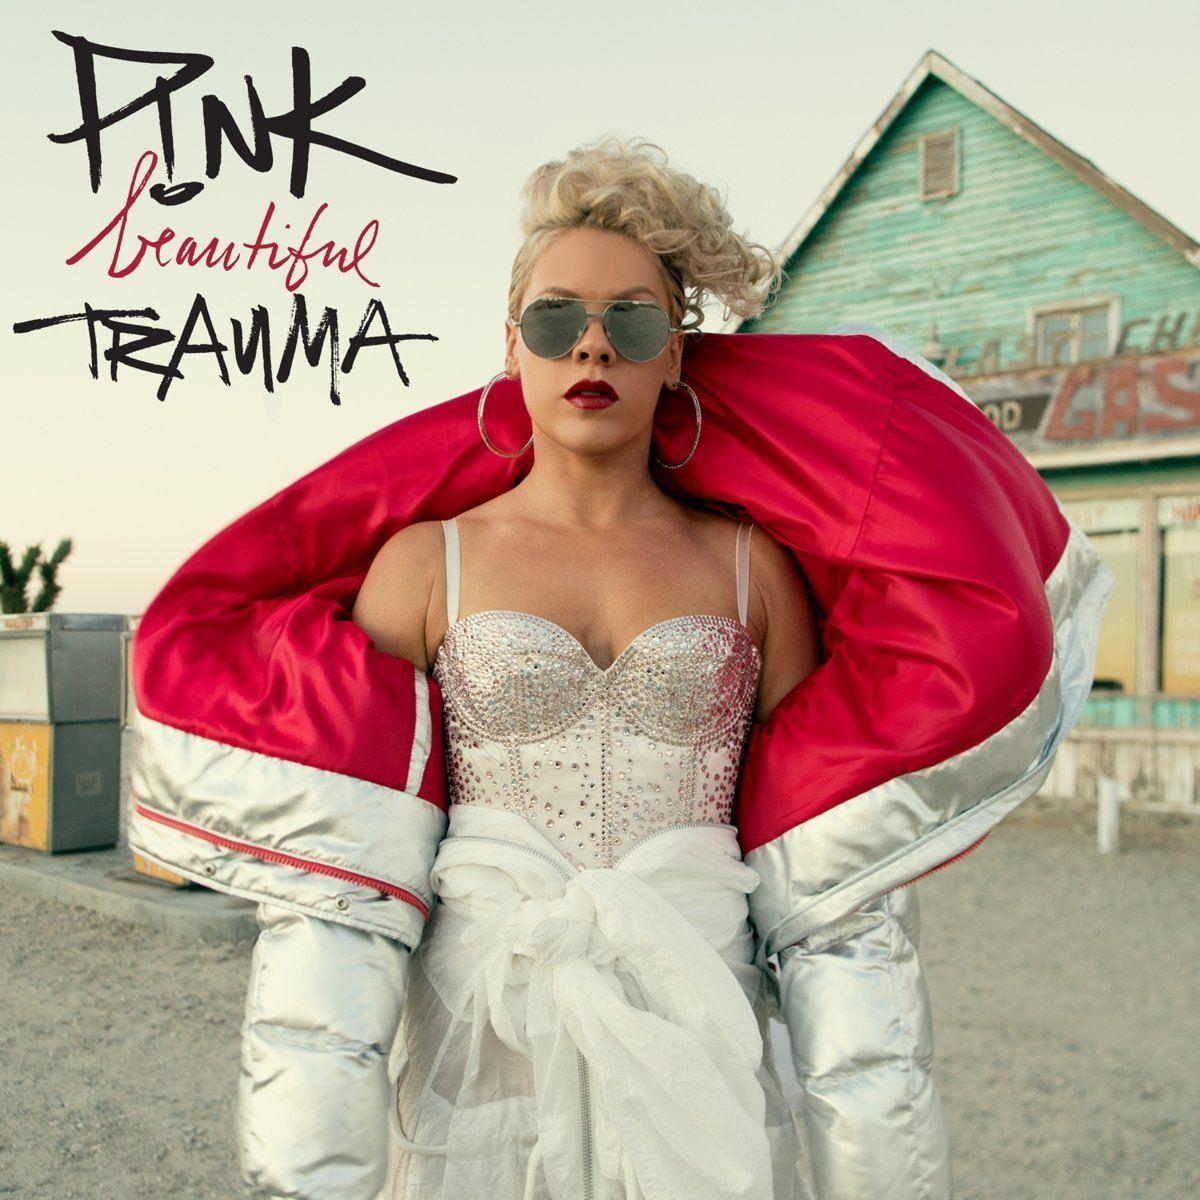 Pink – Beautiful Trauma (2 LP)Beautiful Trauma – предстоящий седьмой студийный альбом американской певицы Pink. Он будет выпущен 13 октября 2017 года RCA Records.<br>